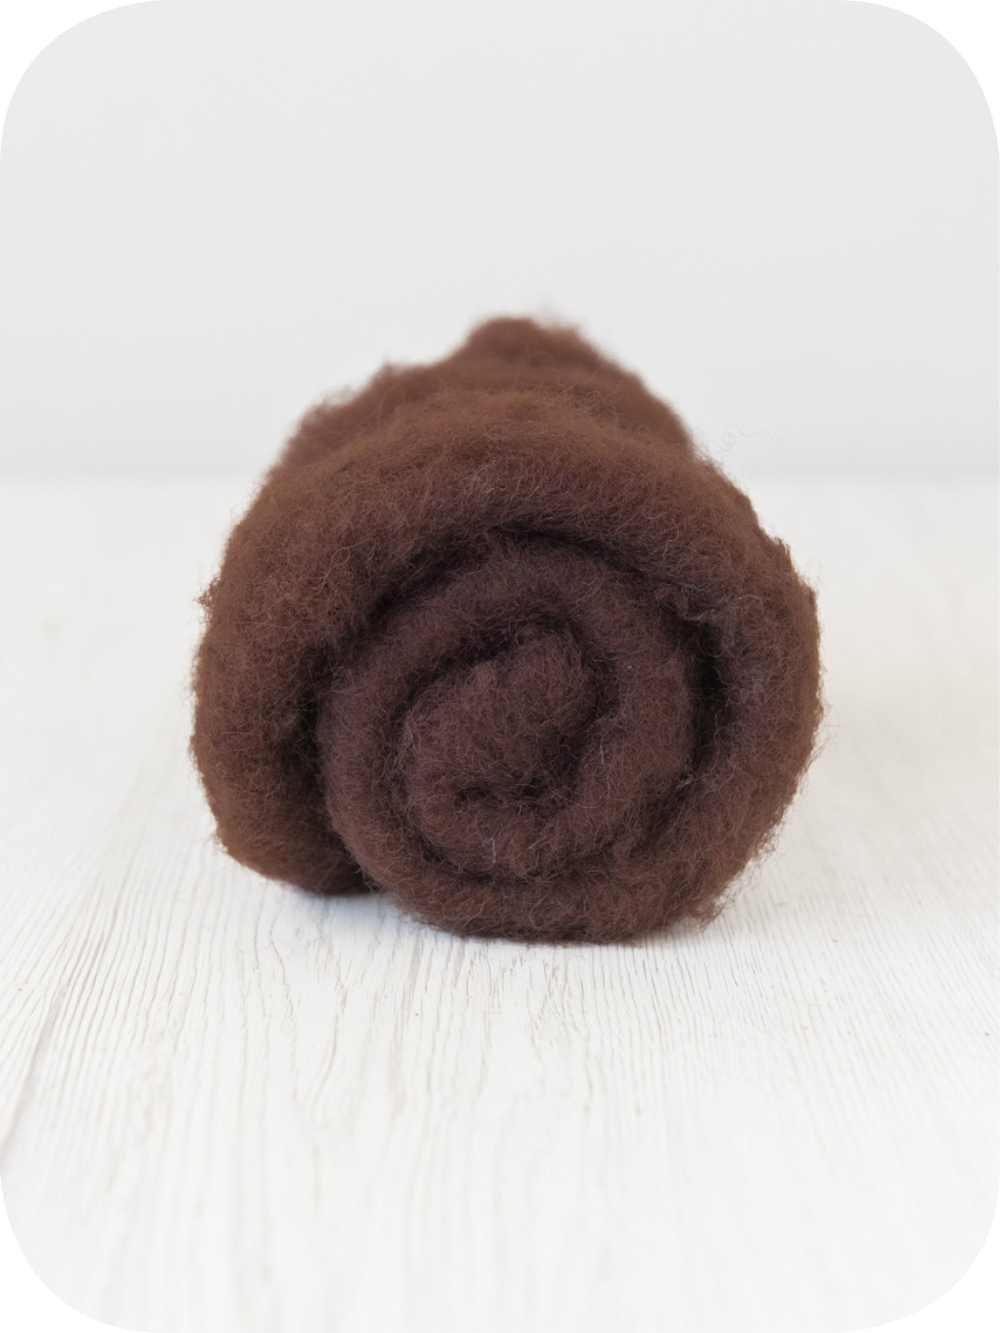 Roving/1 oz. - Chocolate